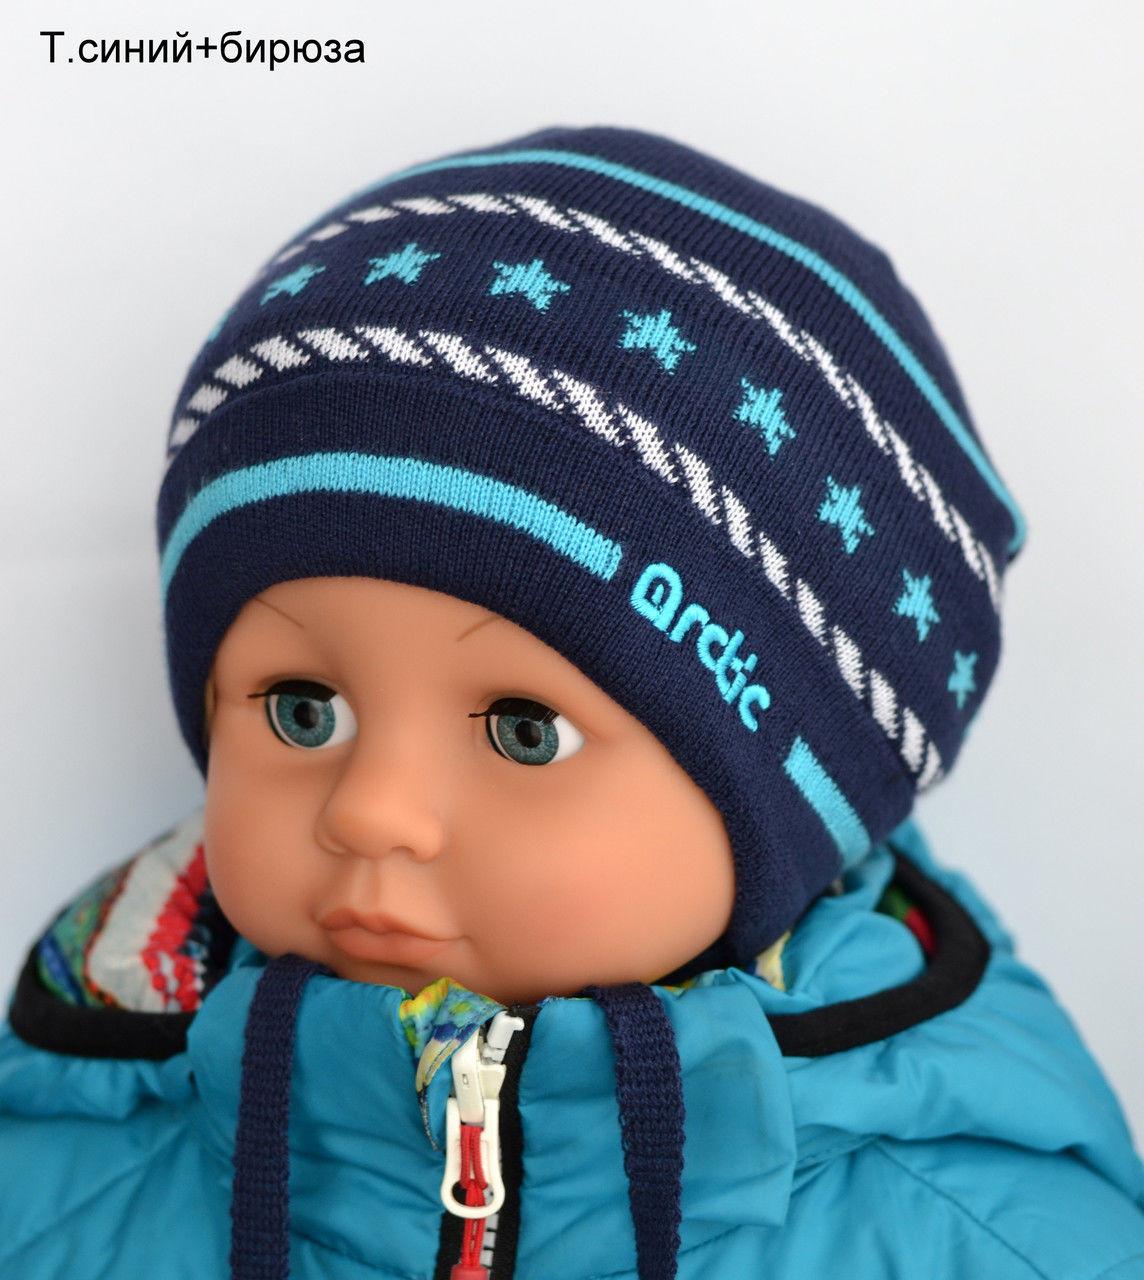 Шапка с завязками мальчику на 1 год